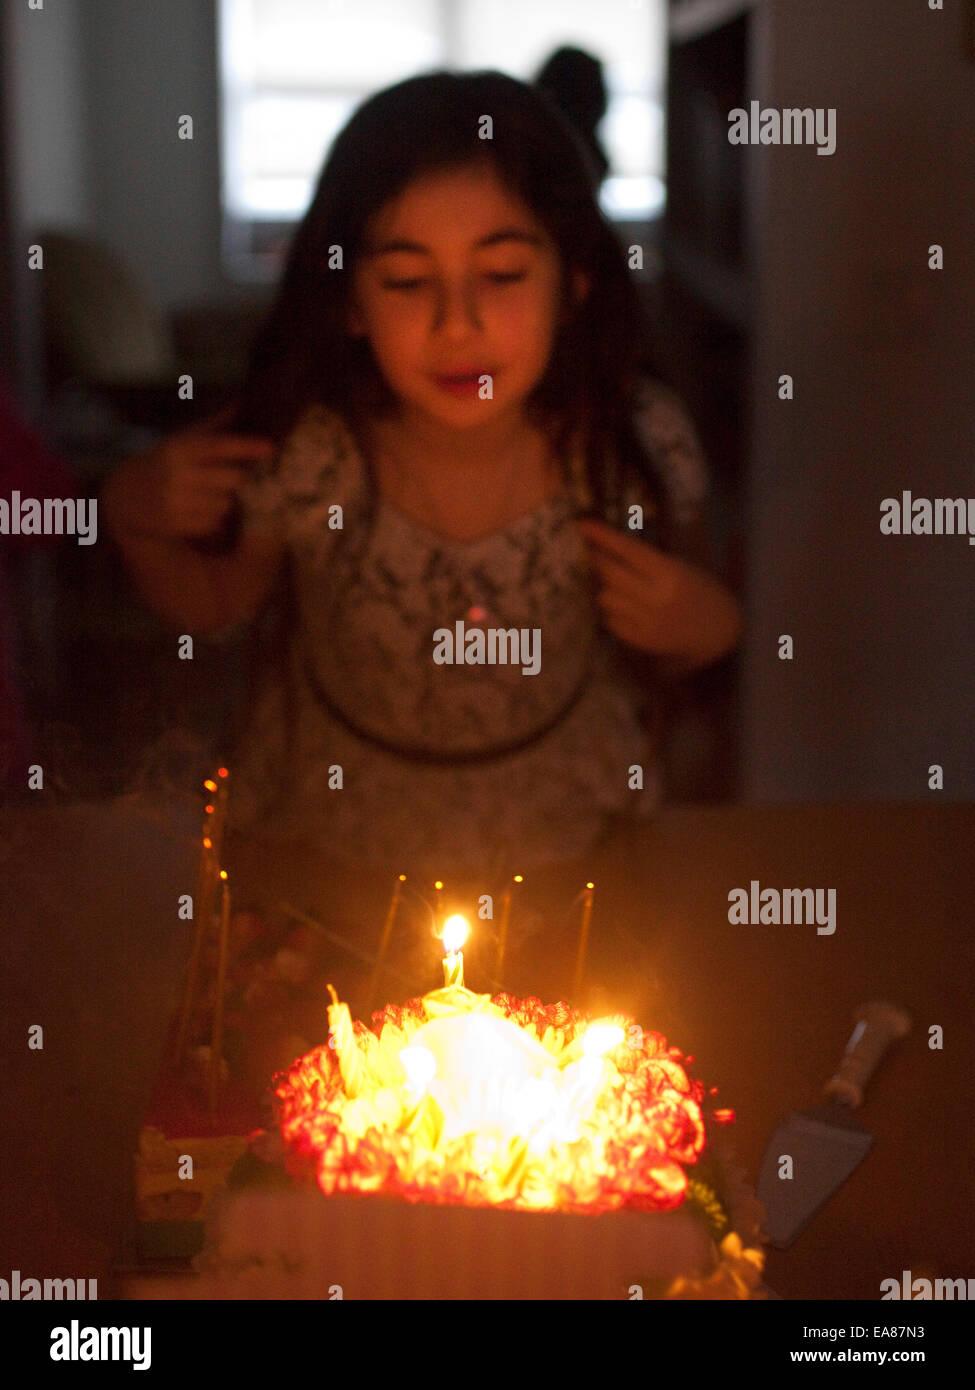 Jovem em casa soprando as velas do bolo de aniversário. Imagens de Stock